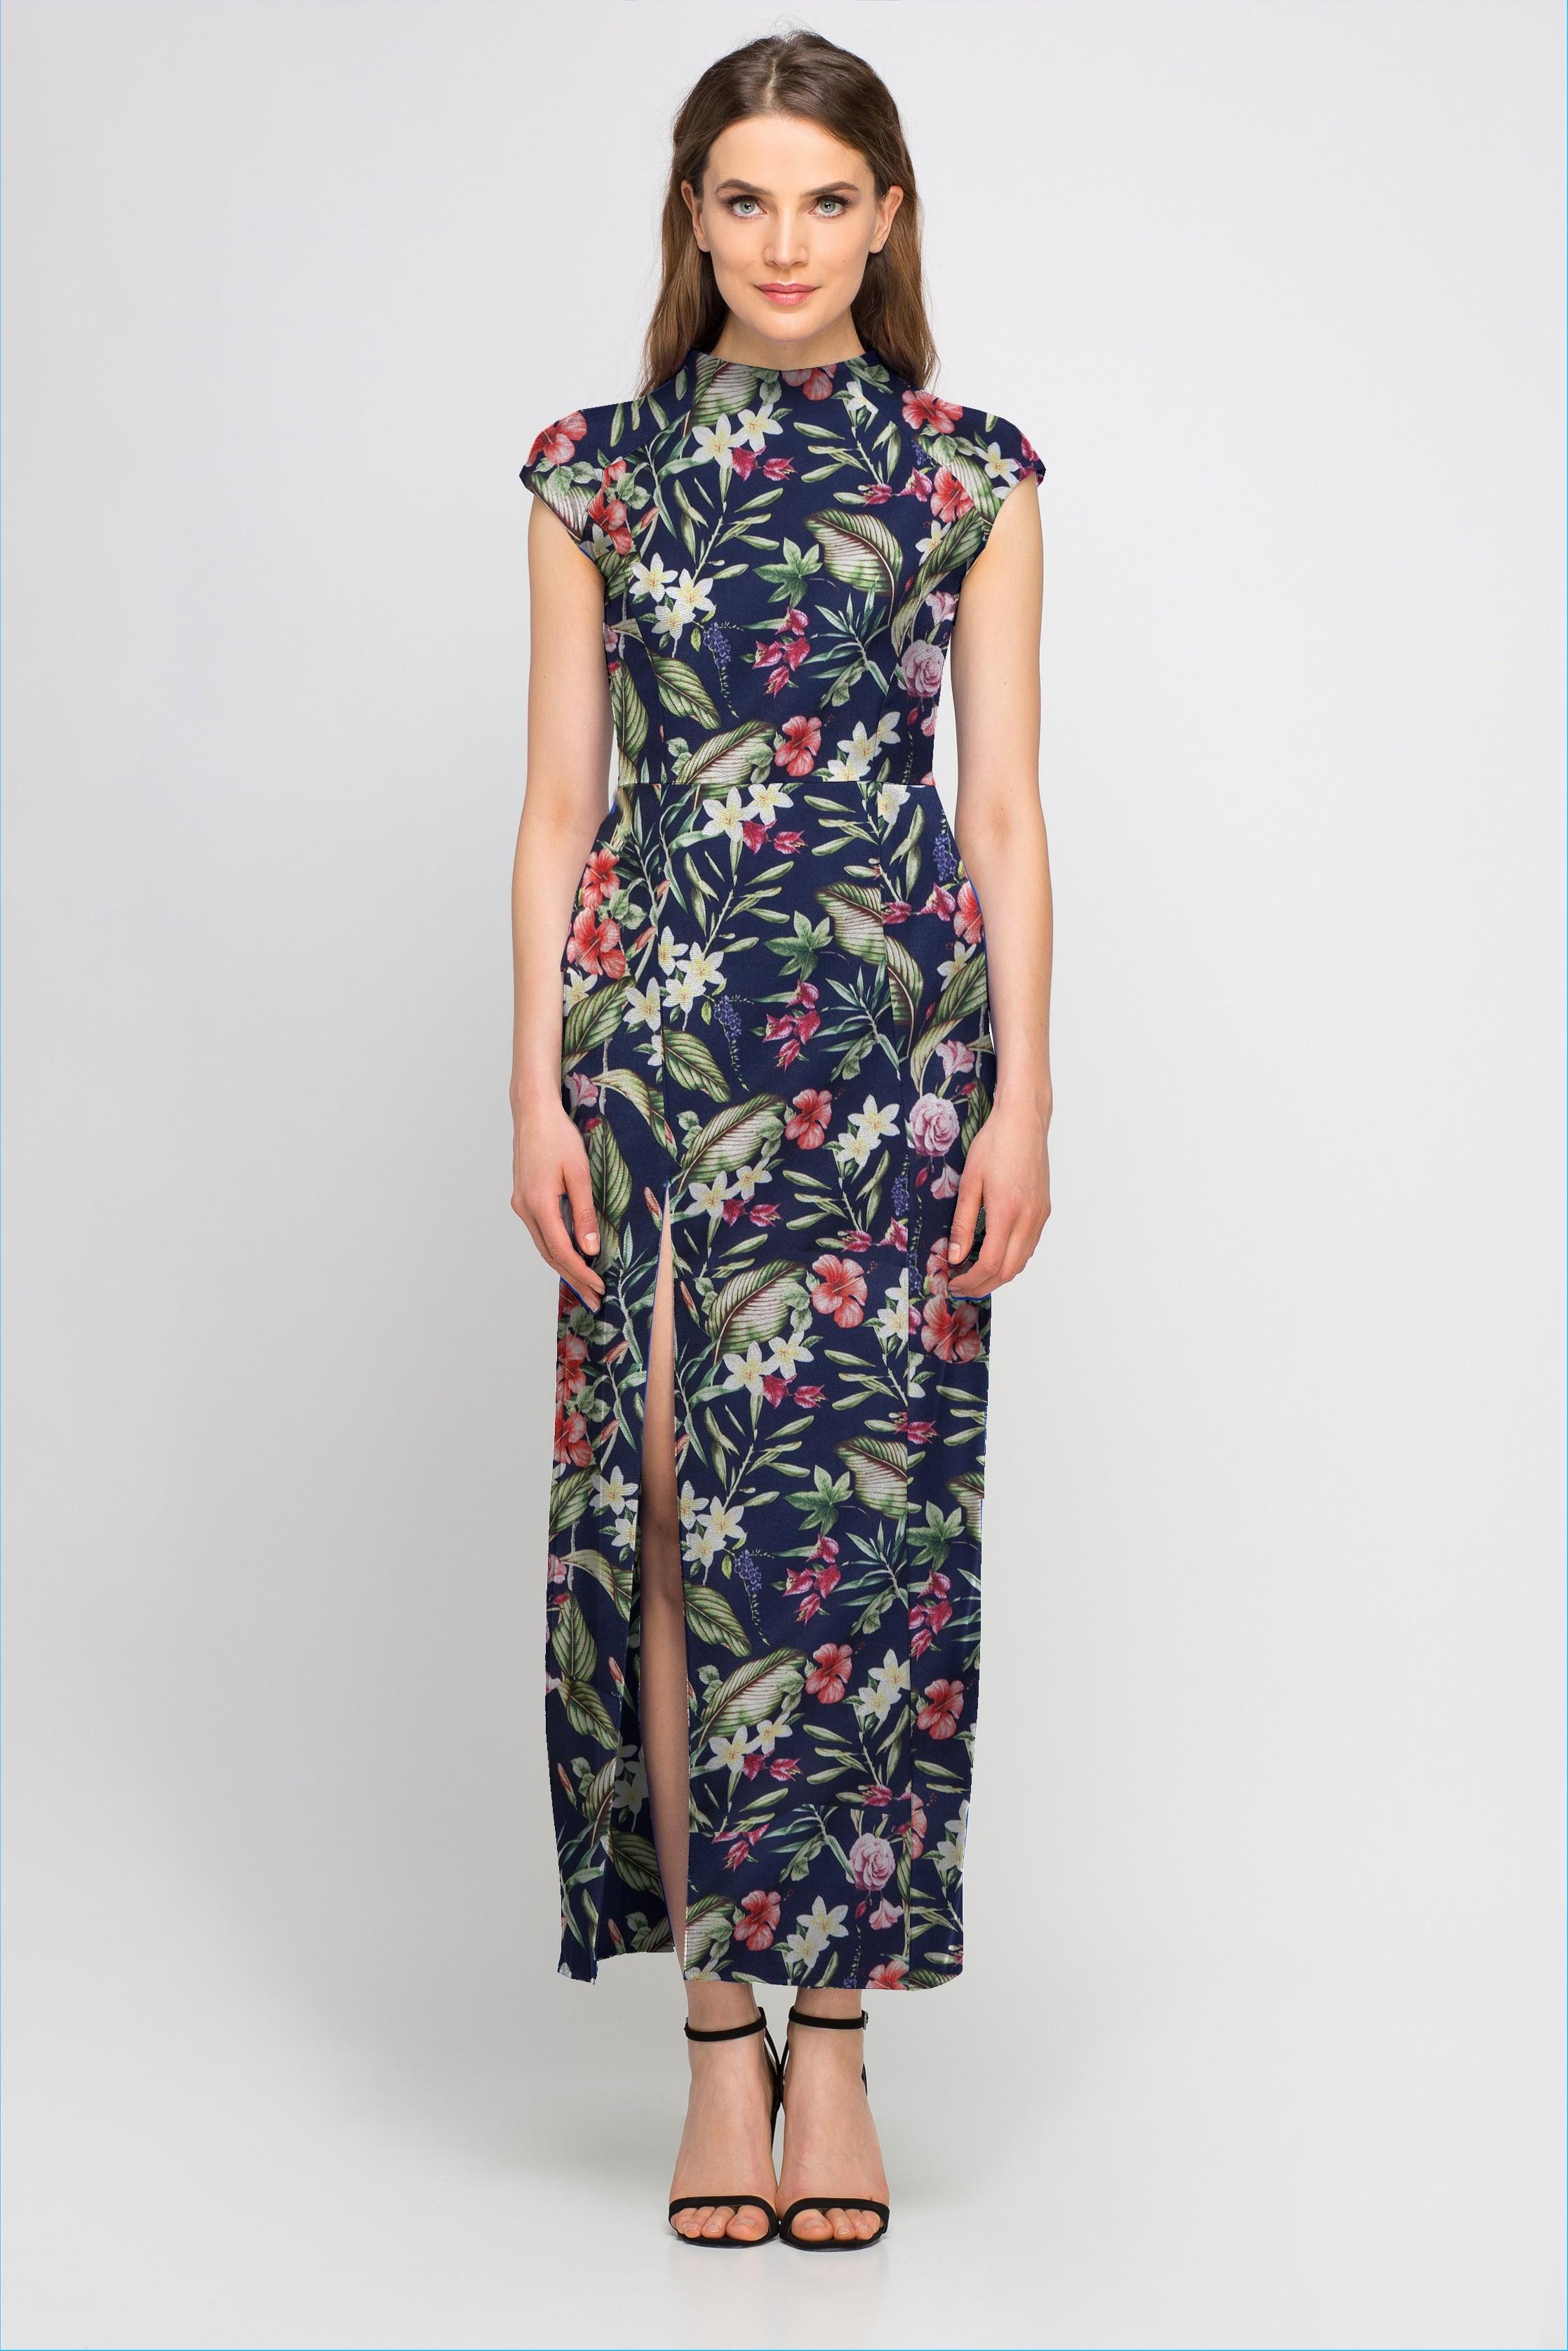 695f00dfe6 Letnia sukienka w kwiaty na wesele -sprawdź inne wzory na e ...